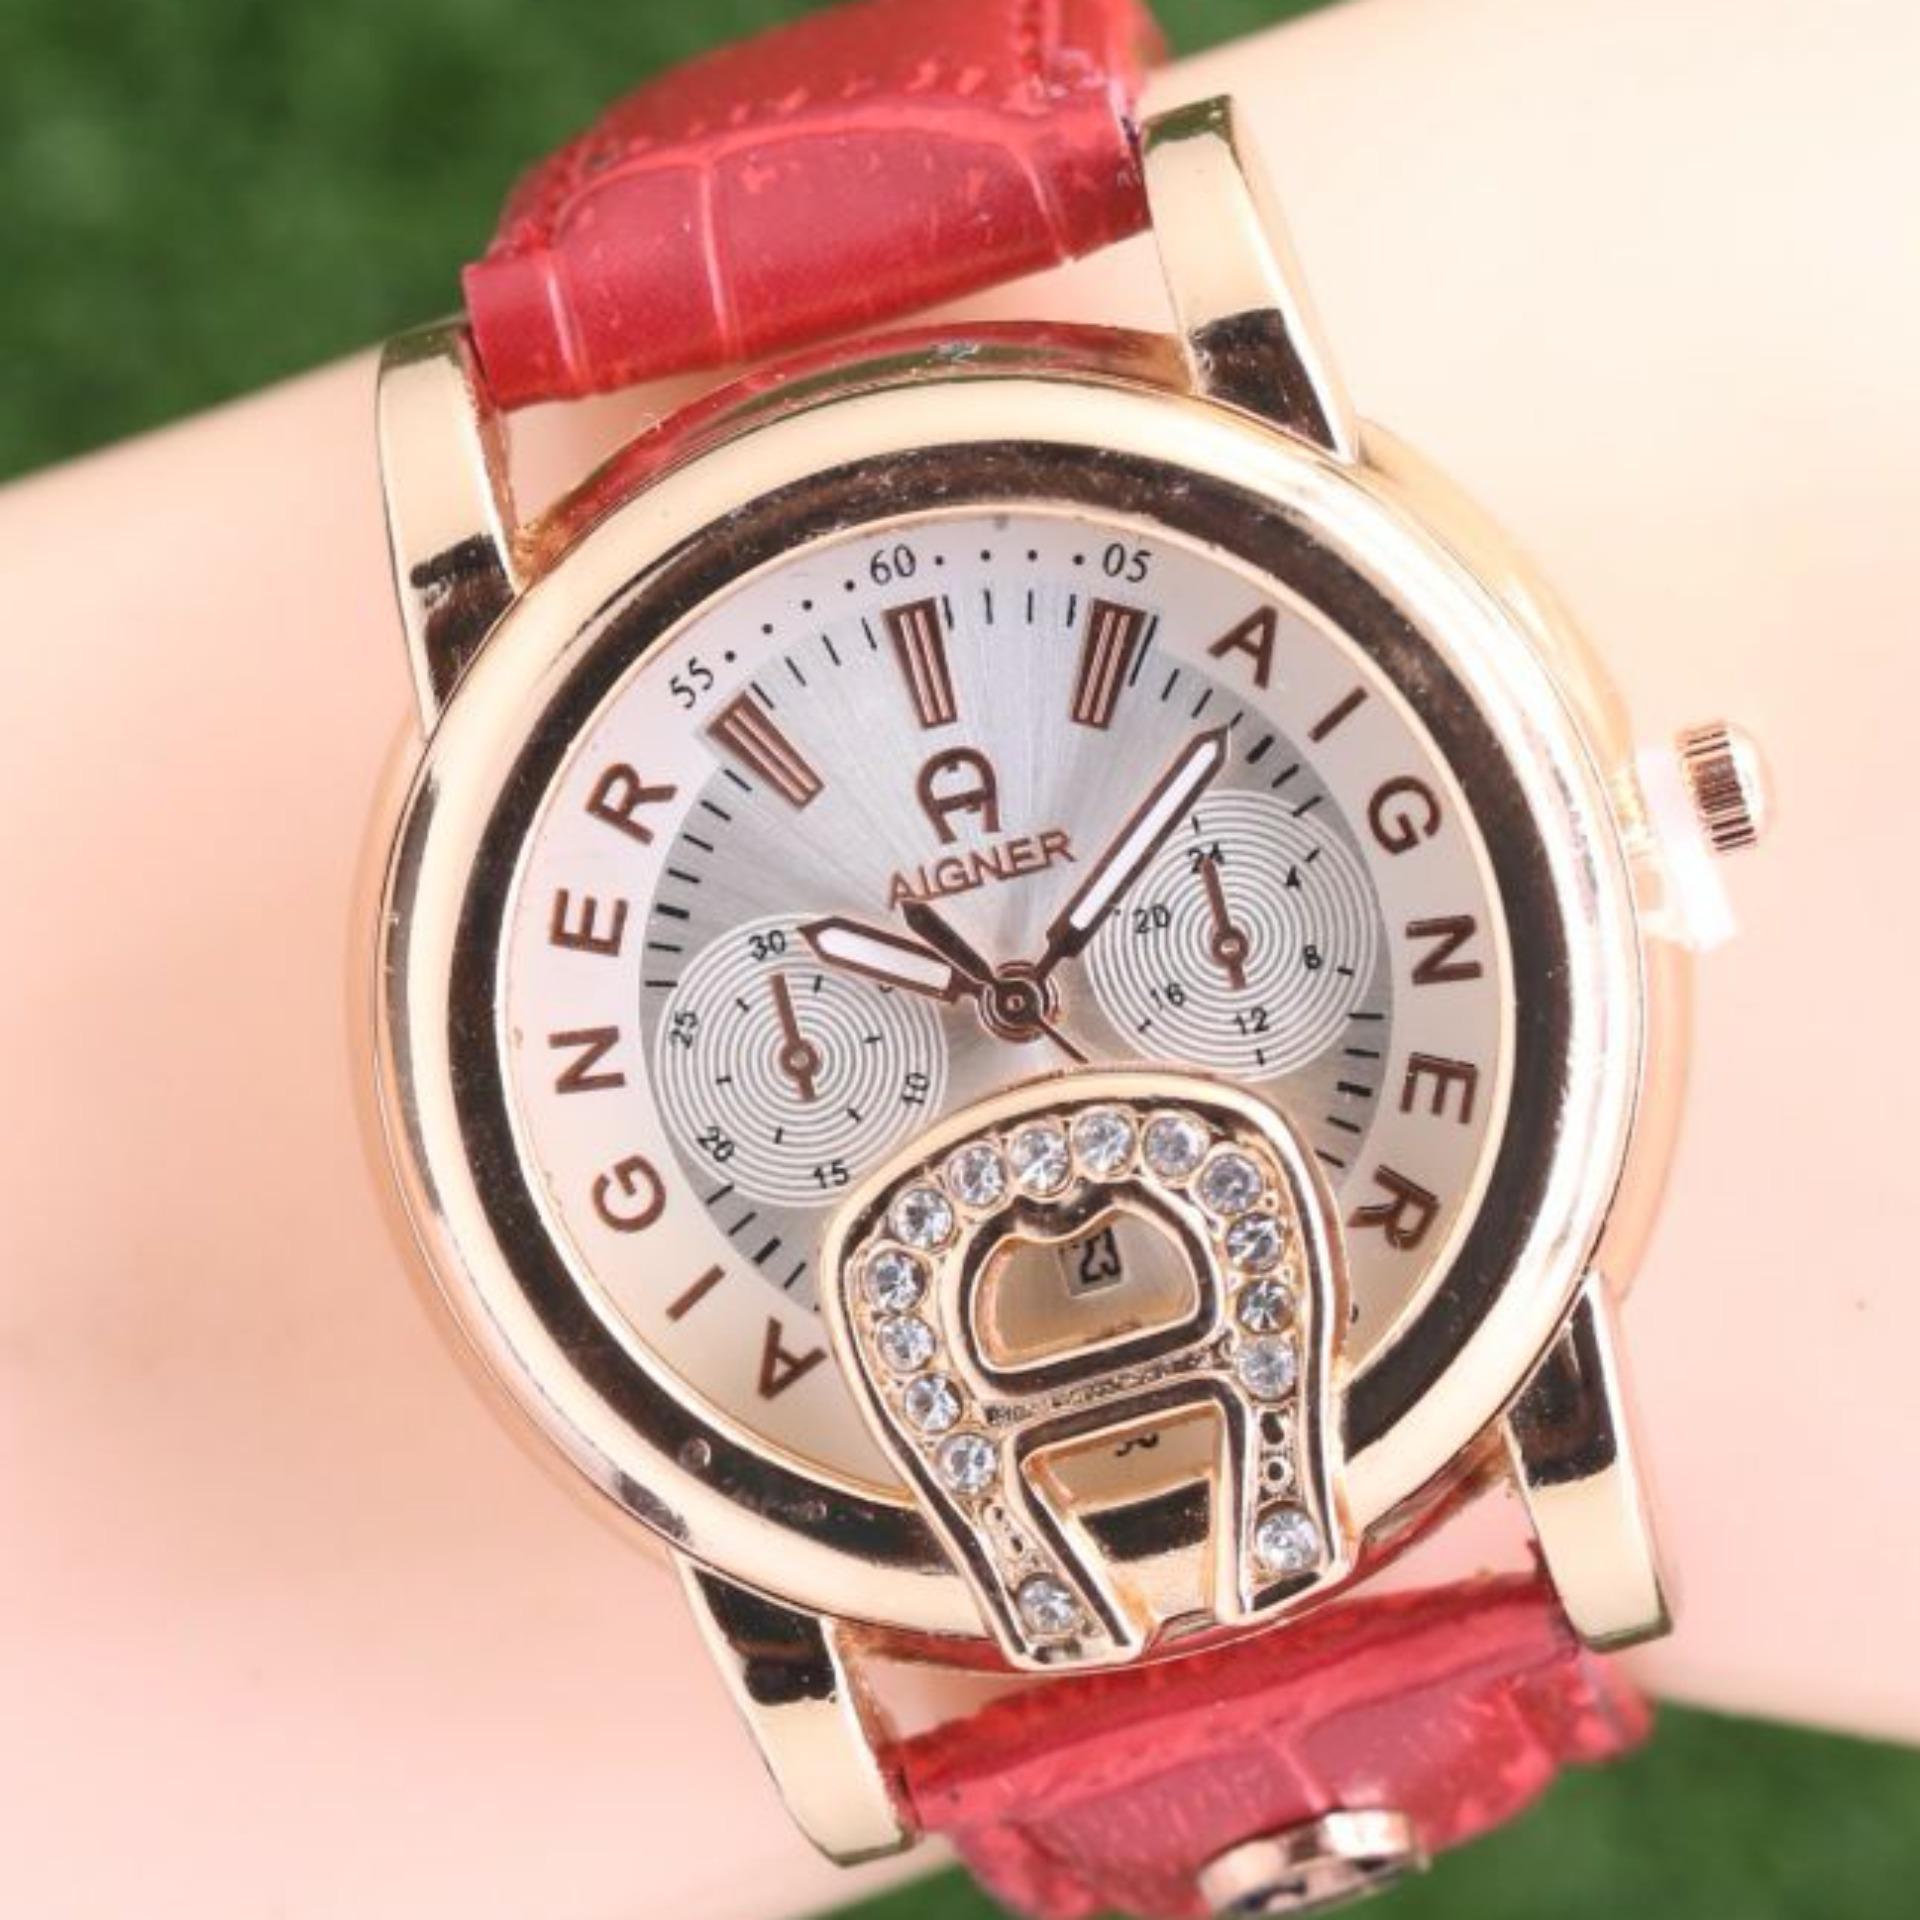 Jam tangan Wanita - Model Casual Trendy - Body Gold - Leather strap - Analog 62c1068d76